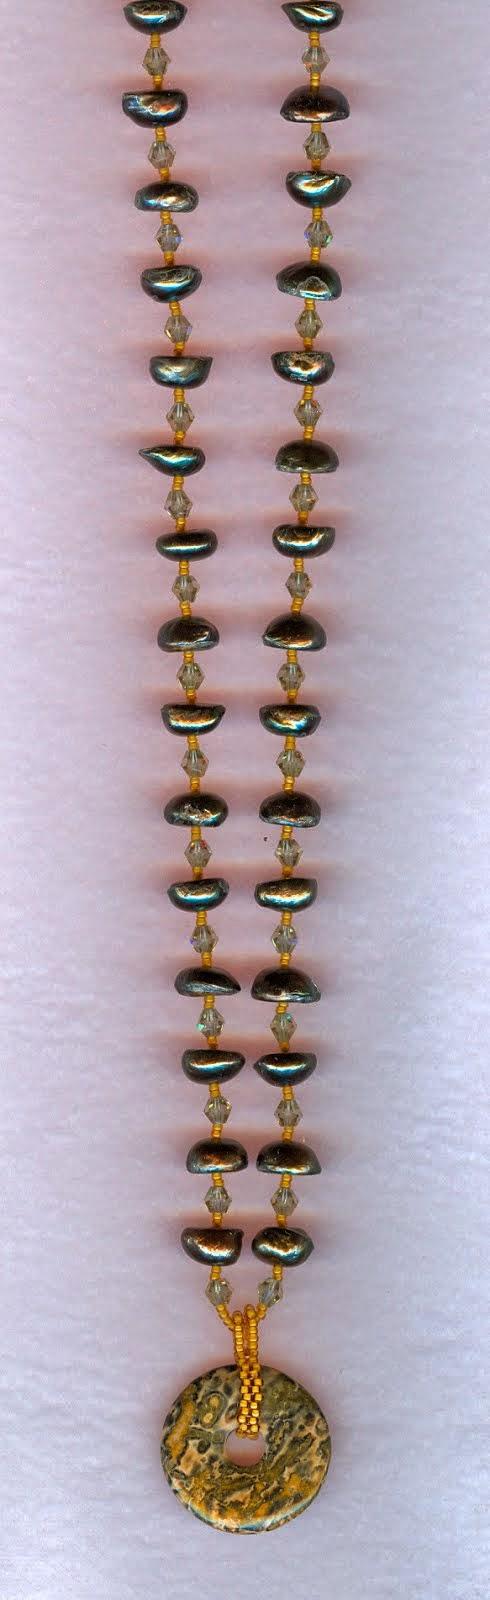 chita stone and fresh water pearls